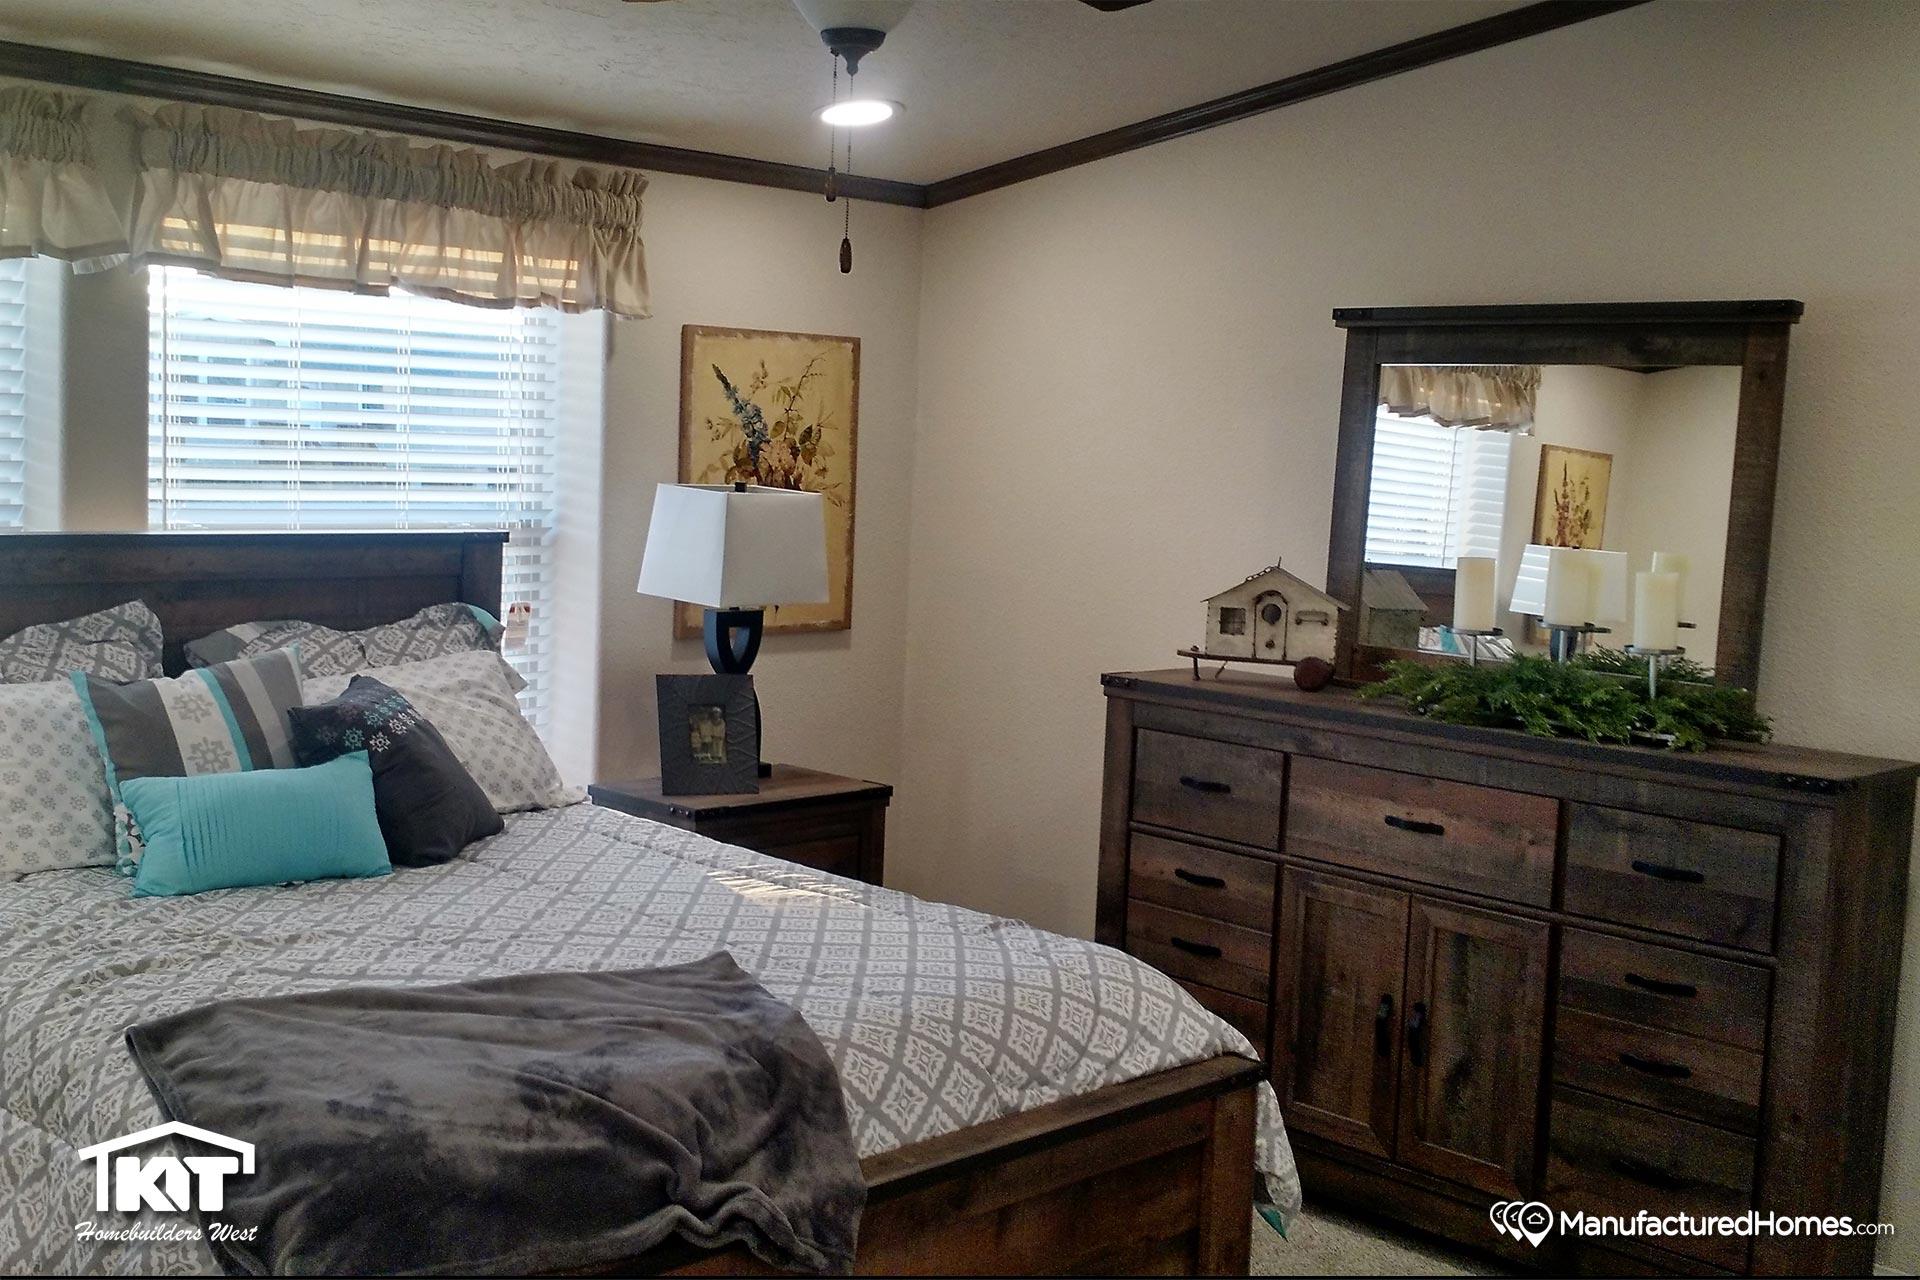 Golden State / 3003 - Bedroom